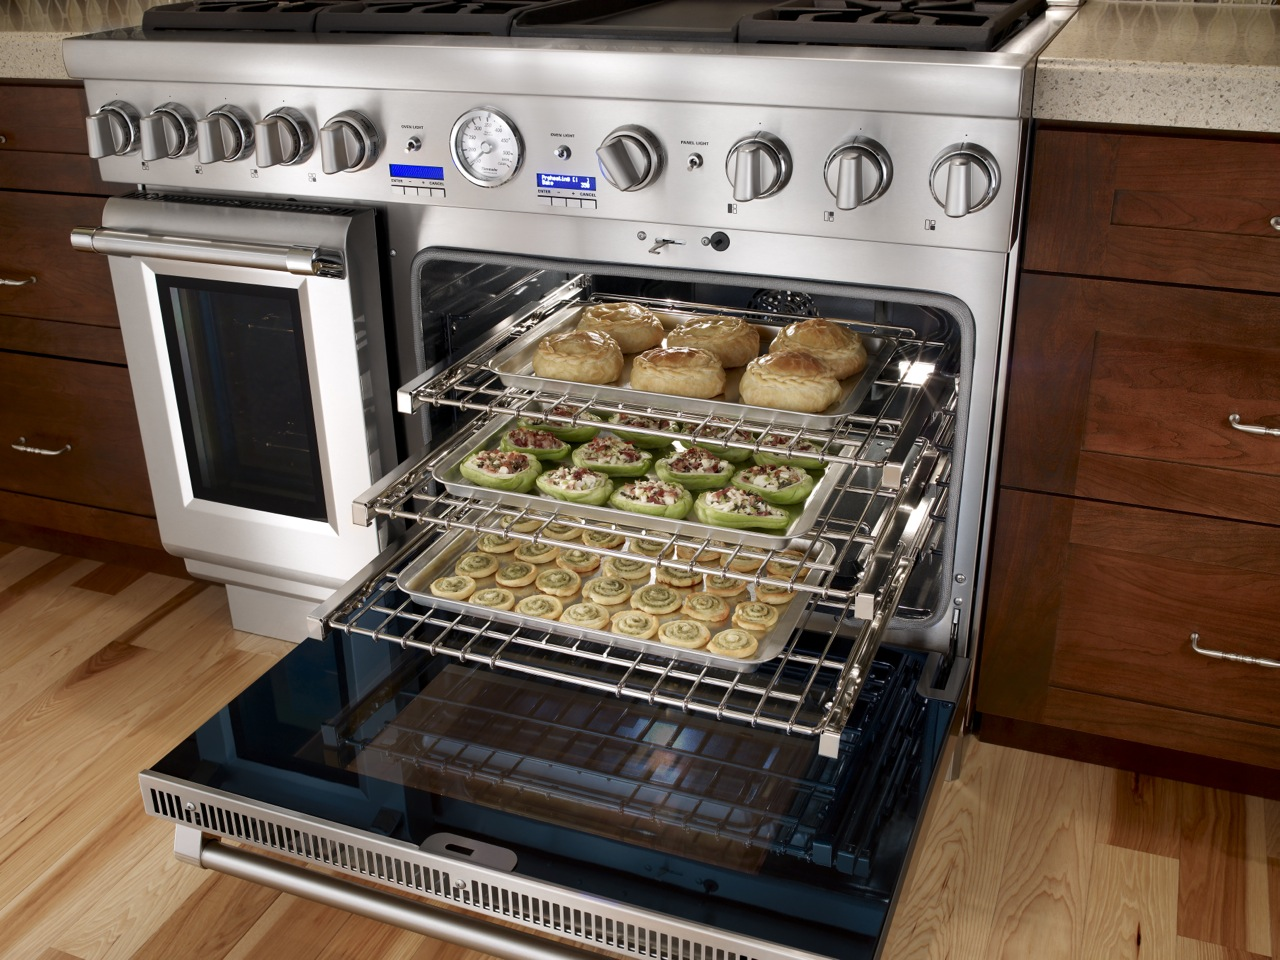 Какой духовой шкаф лучше: электрический или газовый? сравнение и отличия газовой духовки от электродуховки